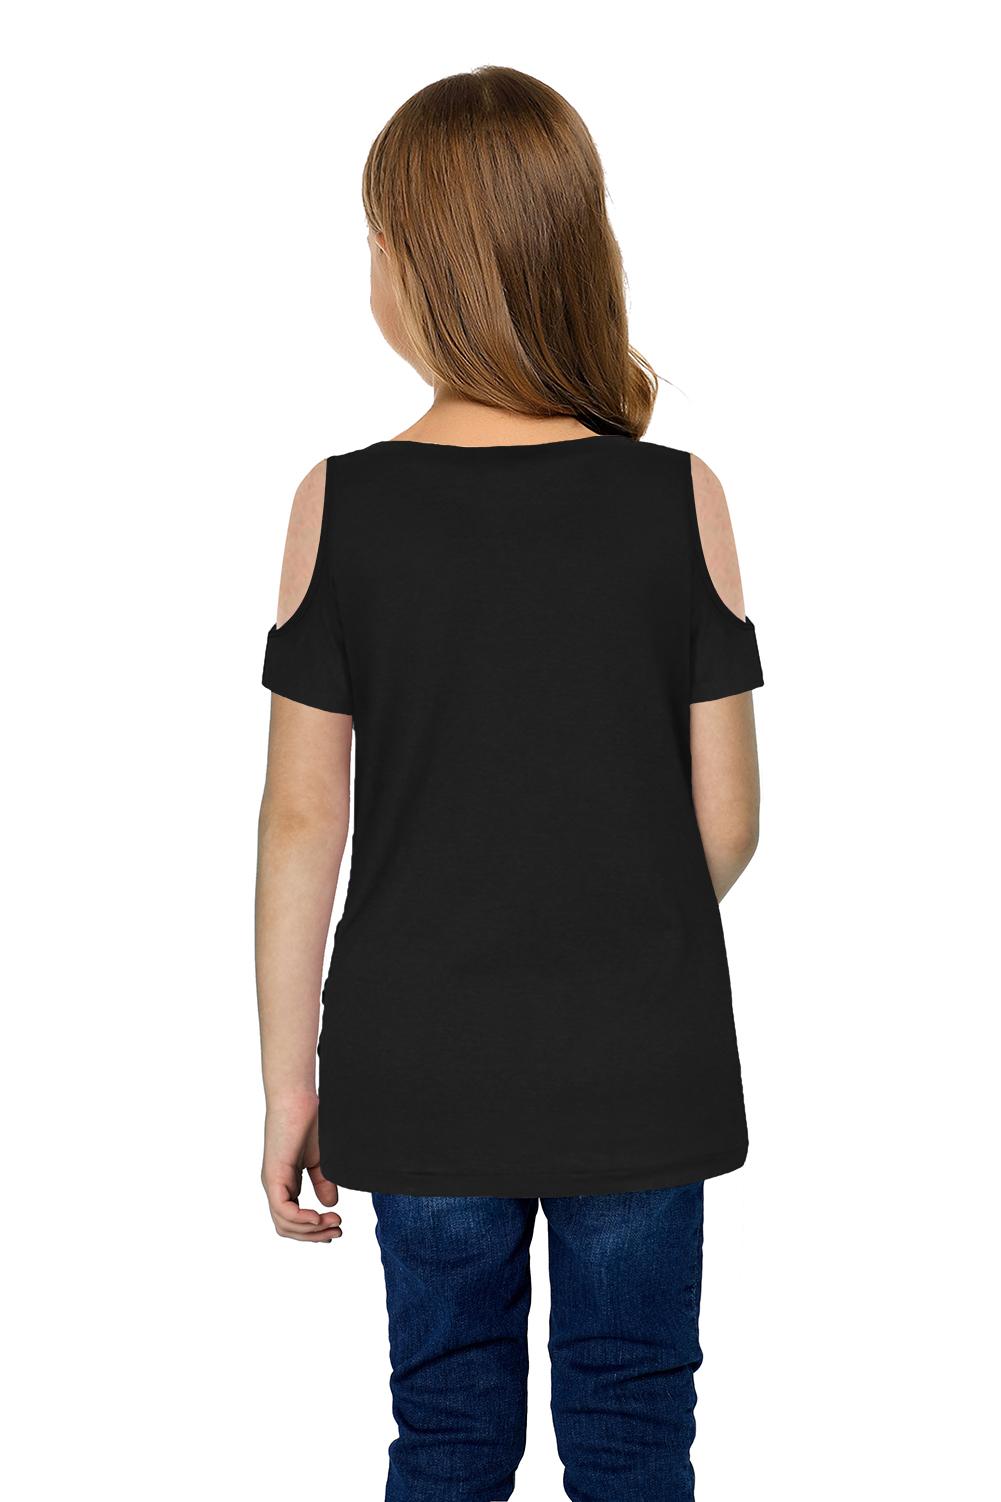 黑色冷肩扭纹简约休闲小女孩短袖上衣 TZ25170